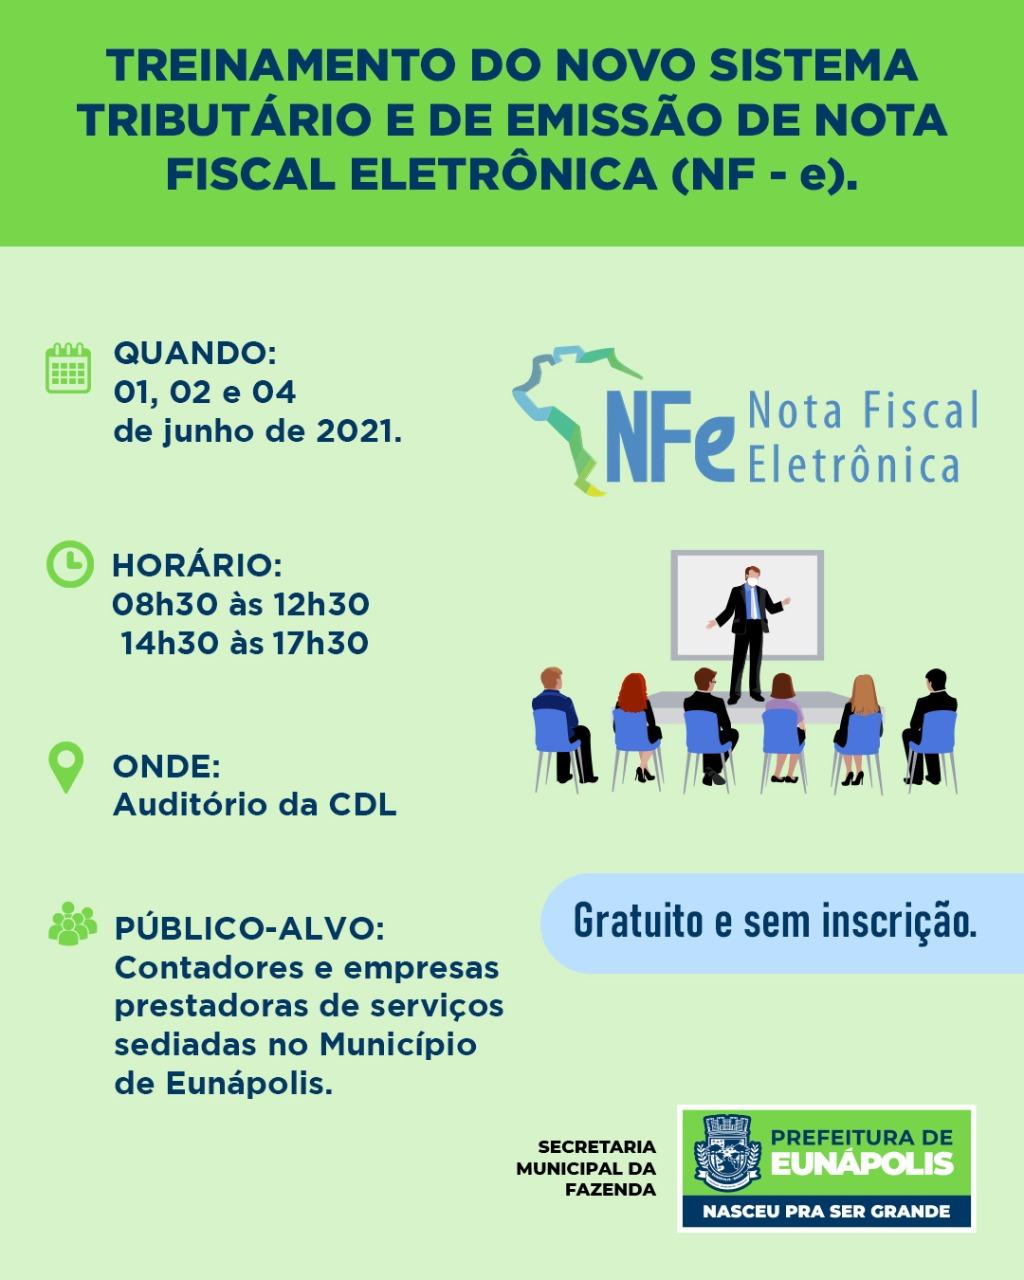 Prefeitura de Eunápolis realiza treinamento sobre novo sistema de emissão de NF-e 18